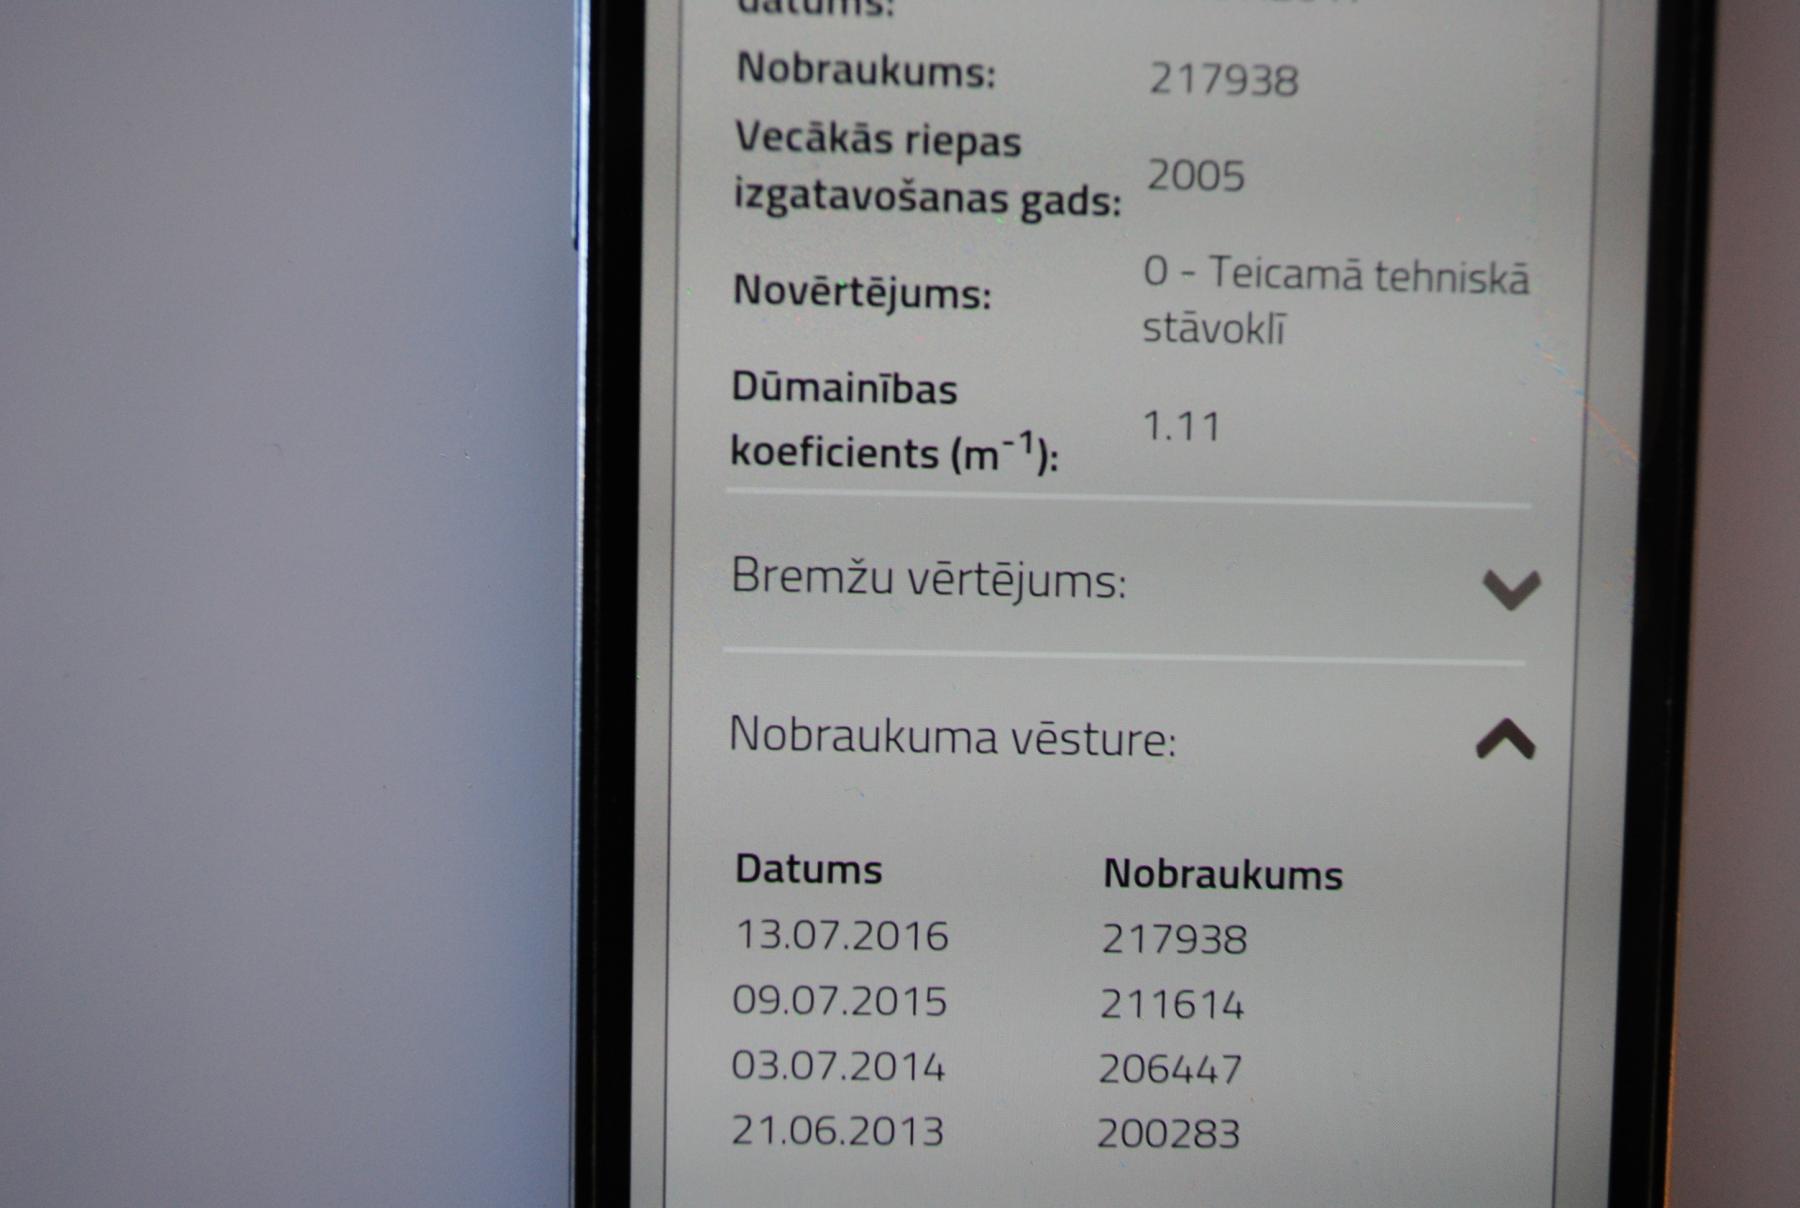 16.5.17 051.jpg